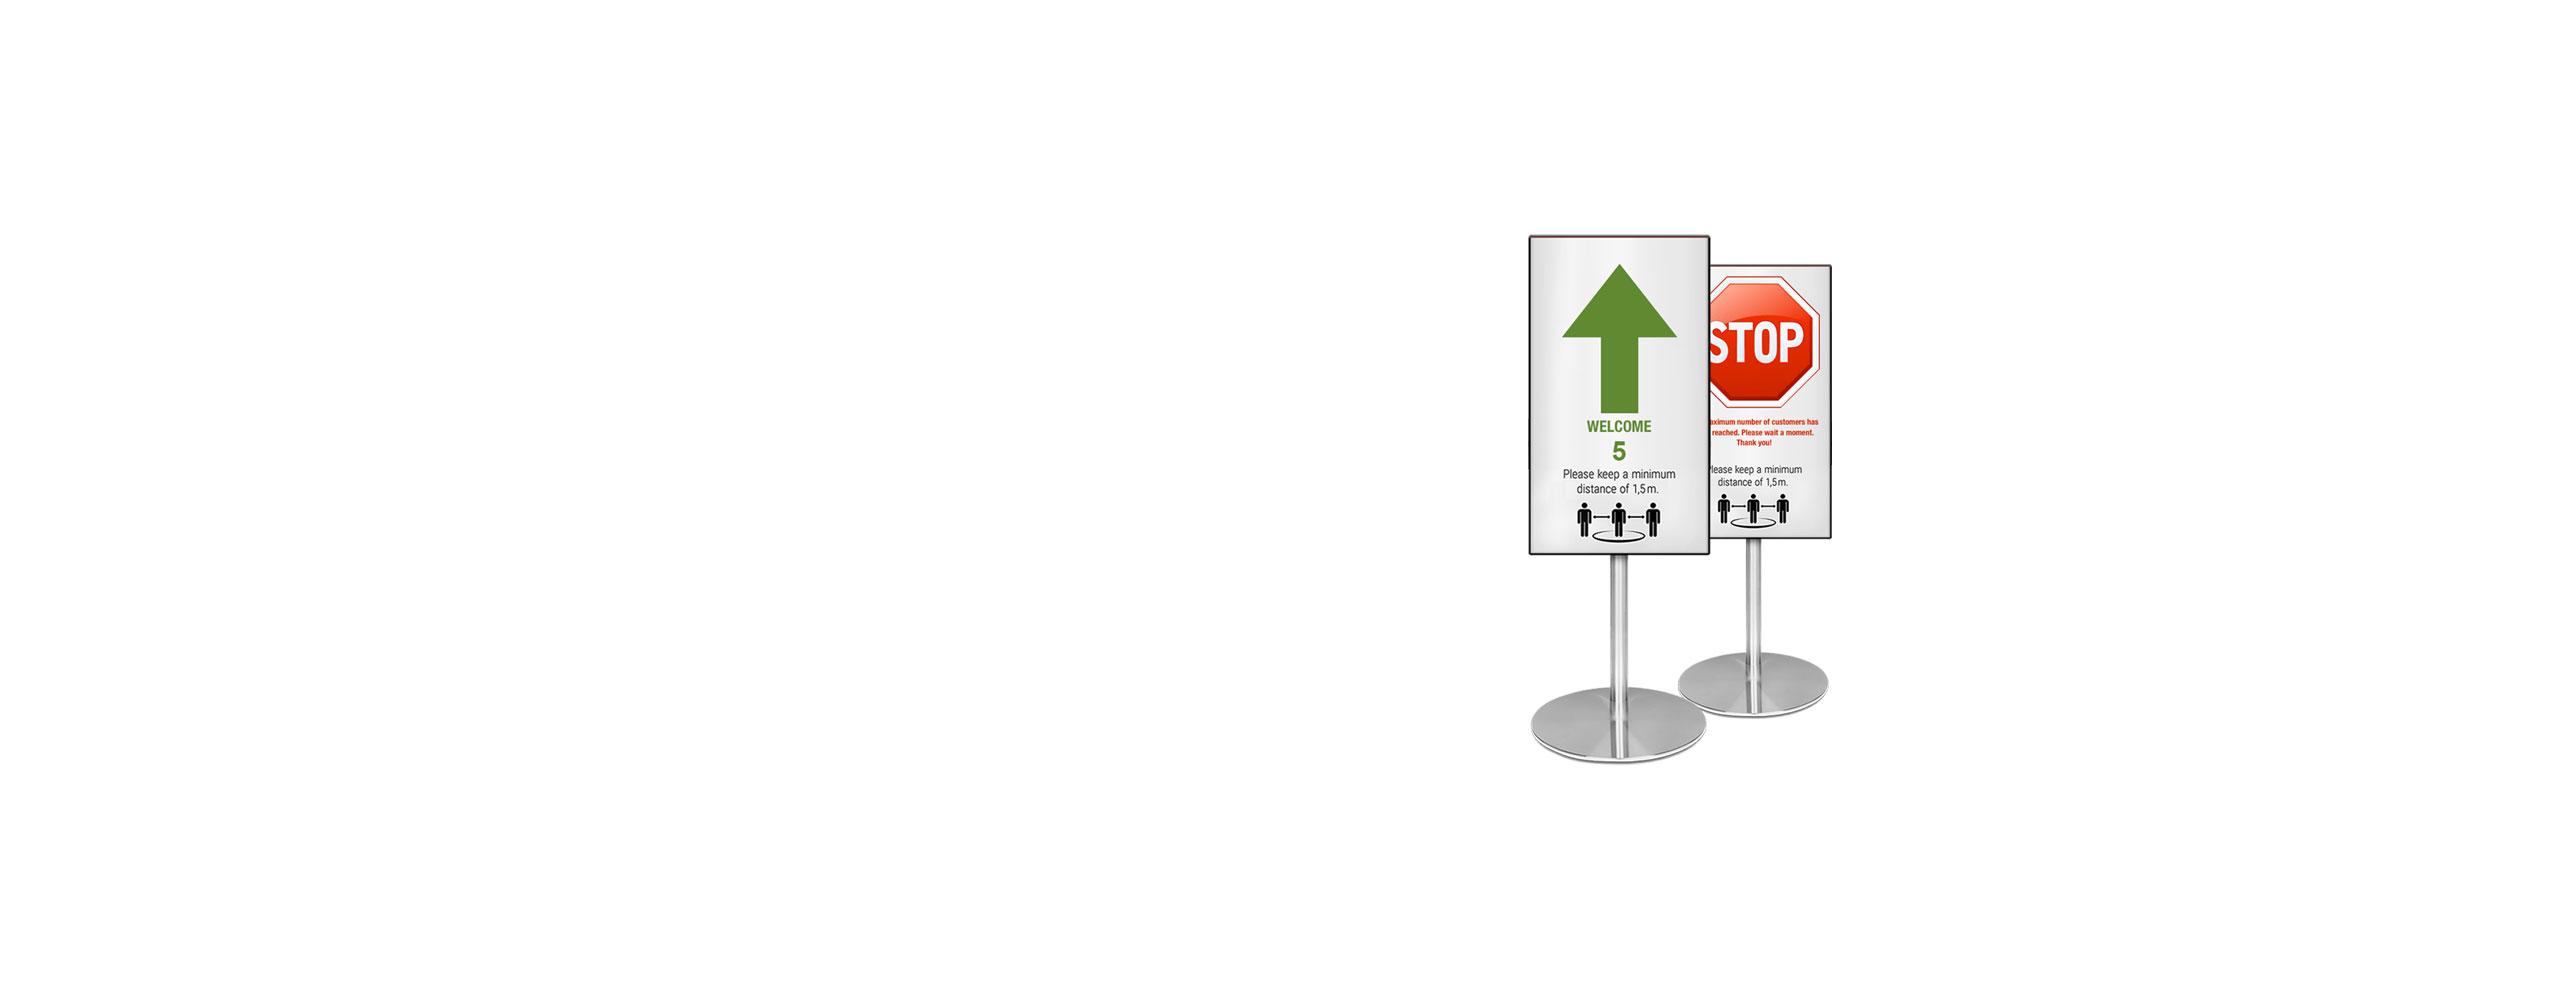 Besucherflusskontrolle